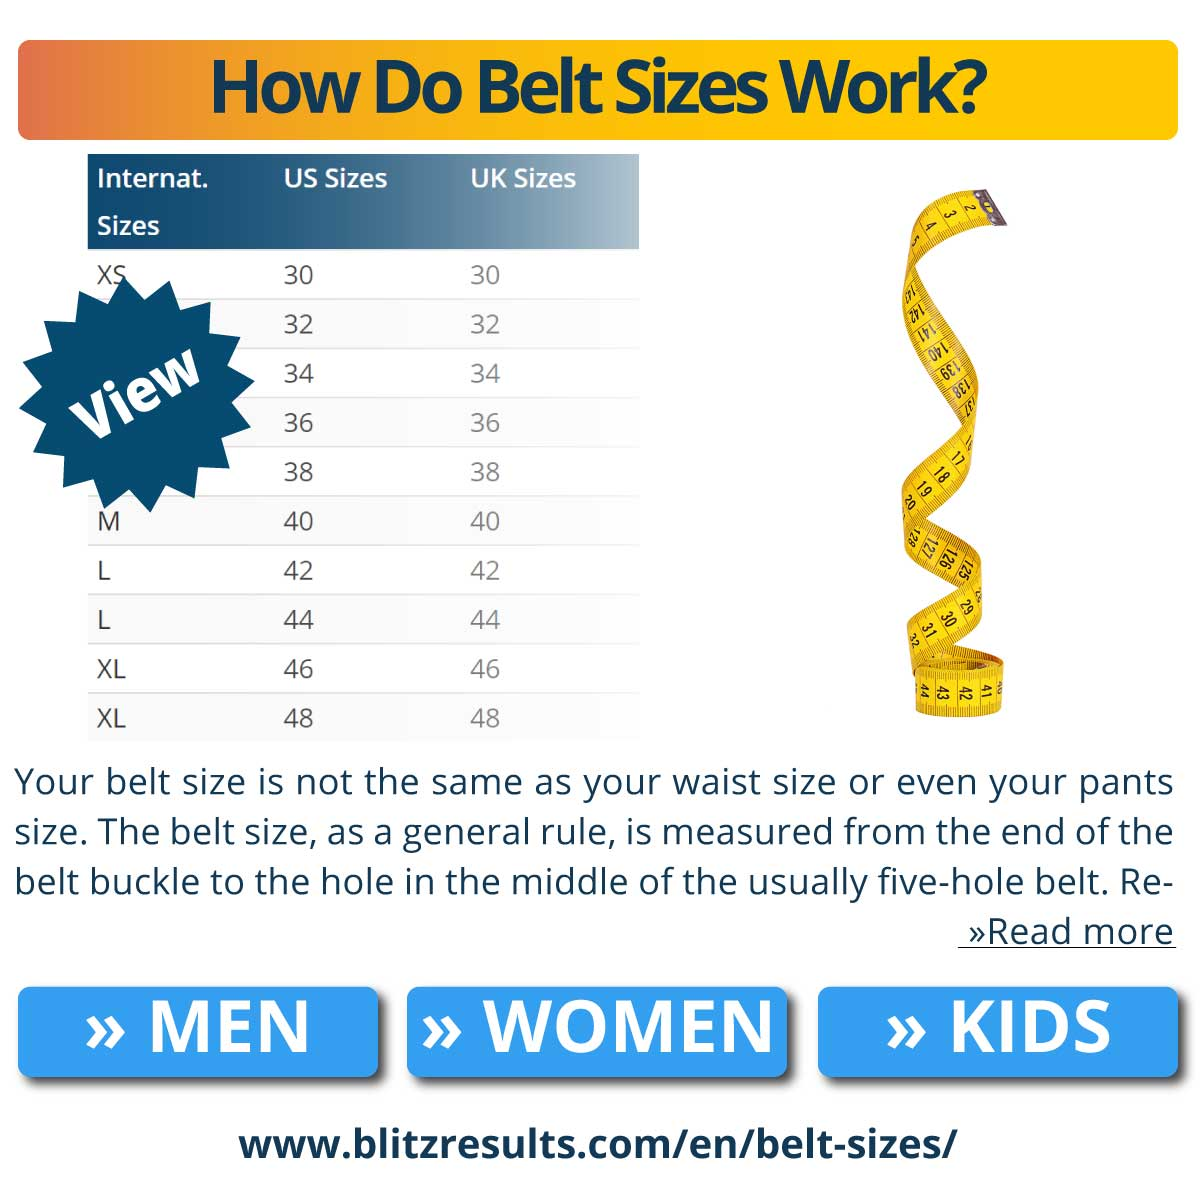 How Do Belt Sizes Work?